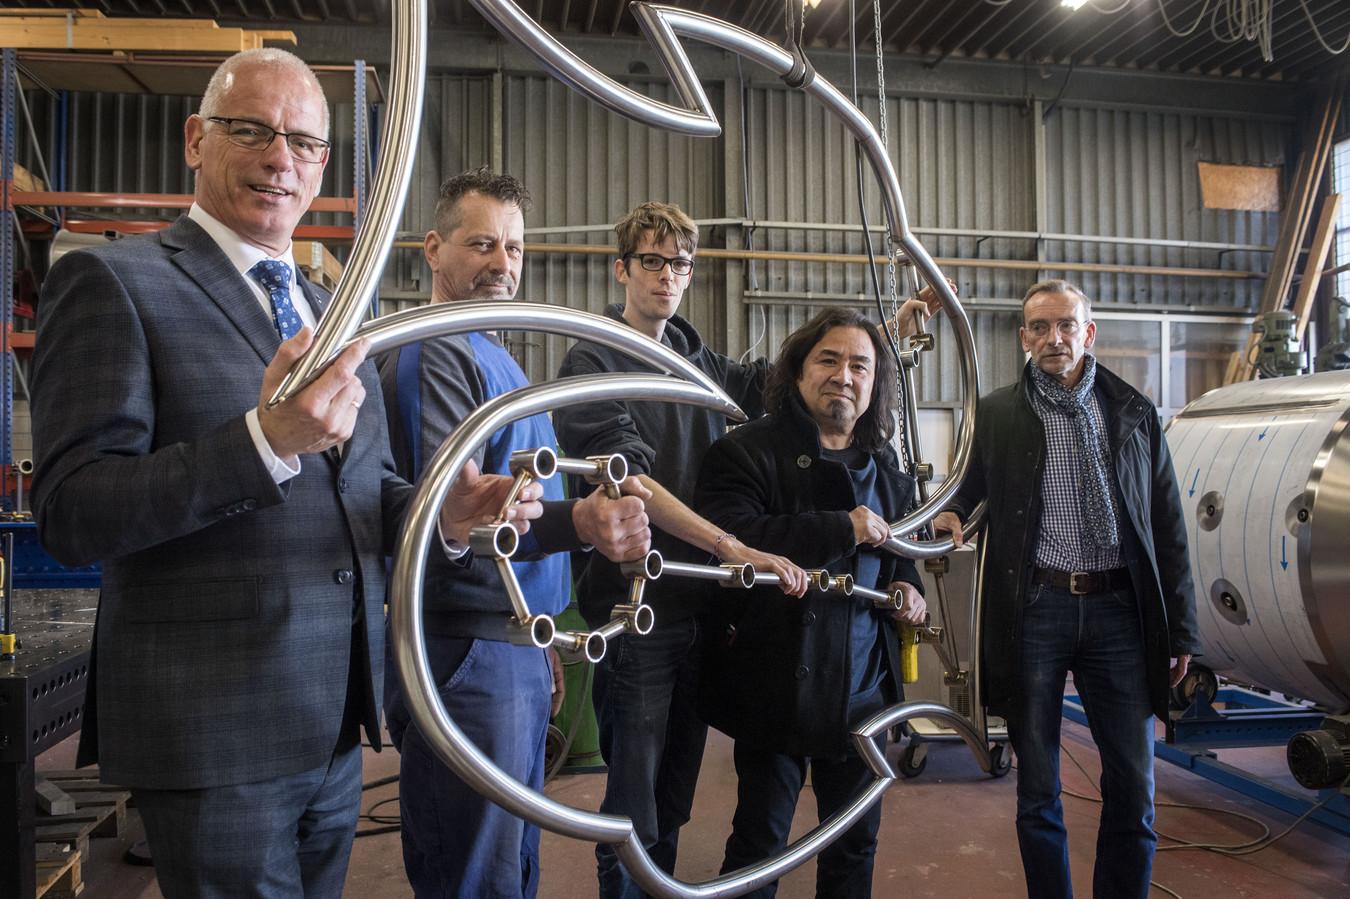 Randy van Lingen bouwt een kunstwerk voor de Light Challenge. Vlnr: wethouder Jan-Willem van Rees, lasser Taco Dijkstra van TD Welding, Niels Kadijk, Randy van Lingen en ambtenaar Eric Stegehuis.